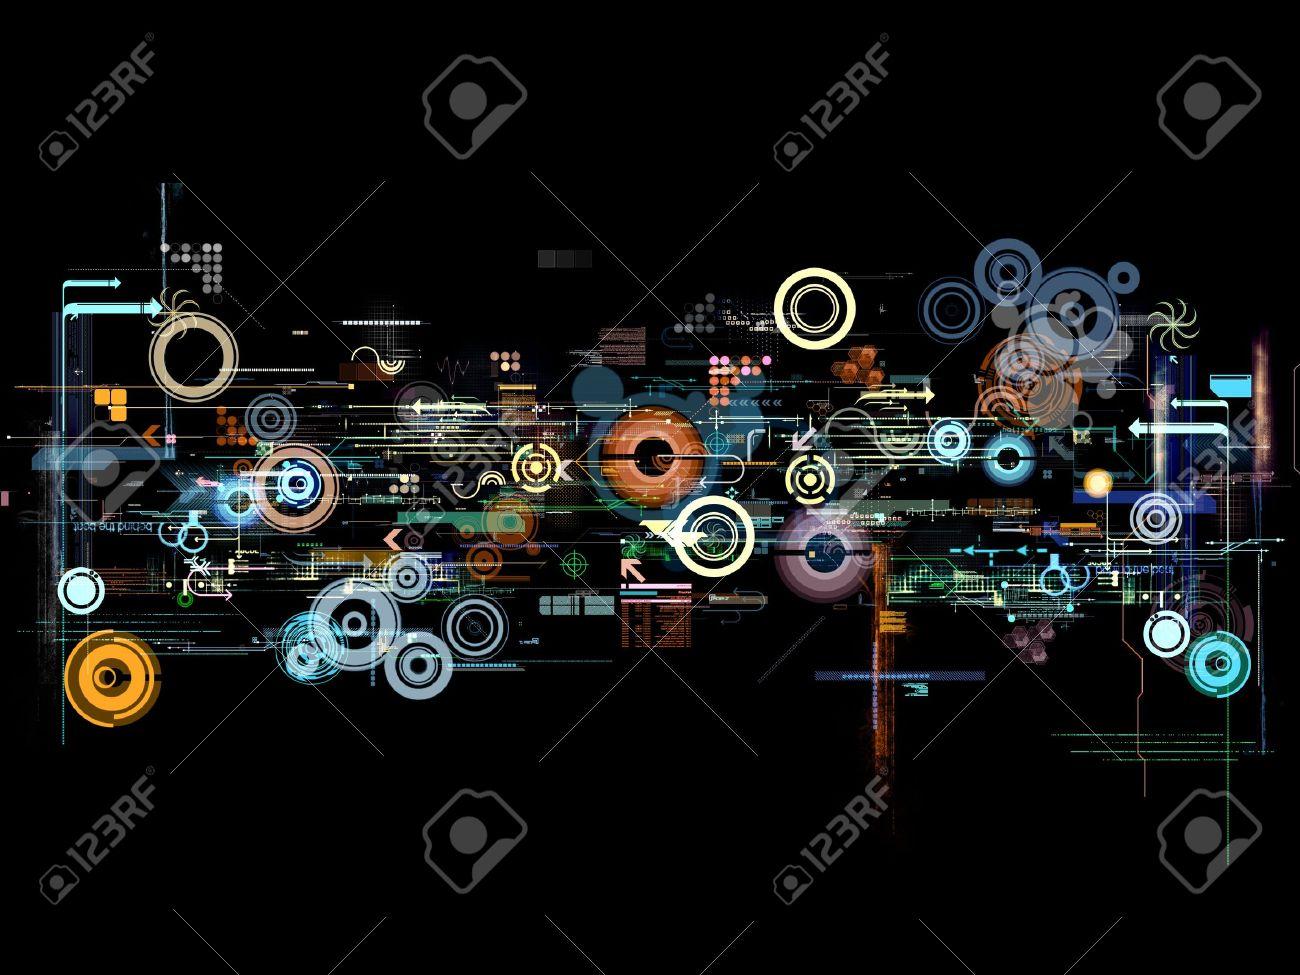 抽象的なグラフィック モンタージュ デザインの壁紙の背景のポスター の写真素材 画像素材 Image